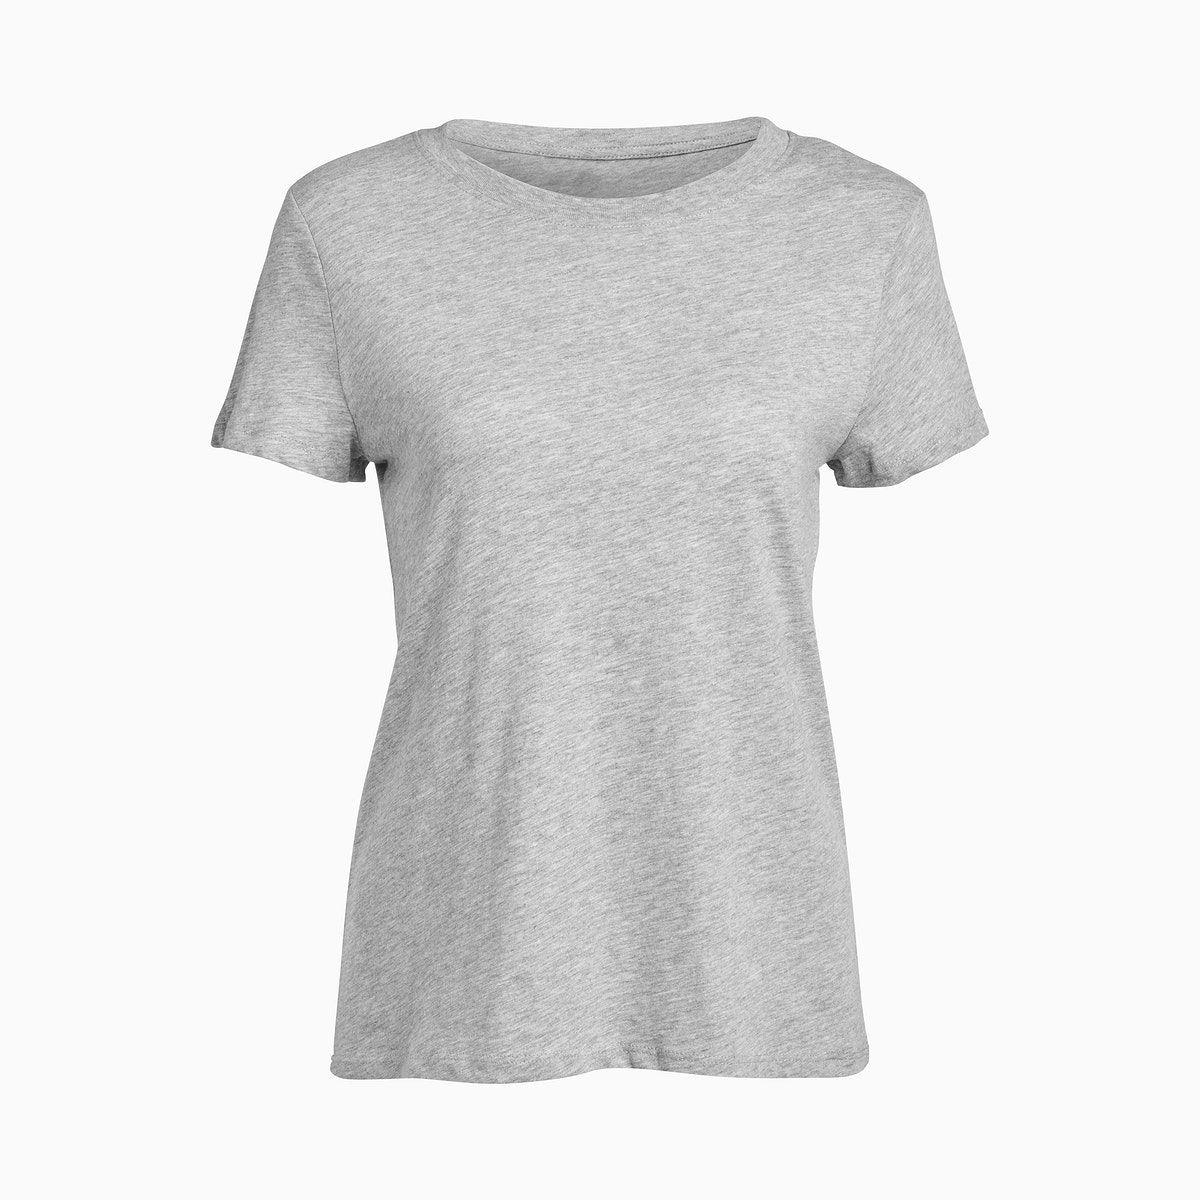 Download Download Premium Illustration Of Simple Gray T Shirt Mockup 2475967 Clothing Mockup Tshirt Mockup Shirt Mockup